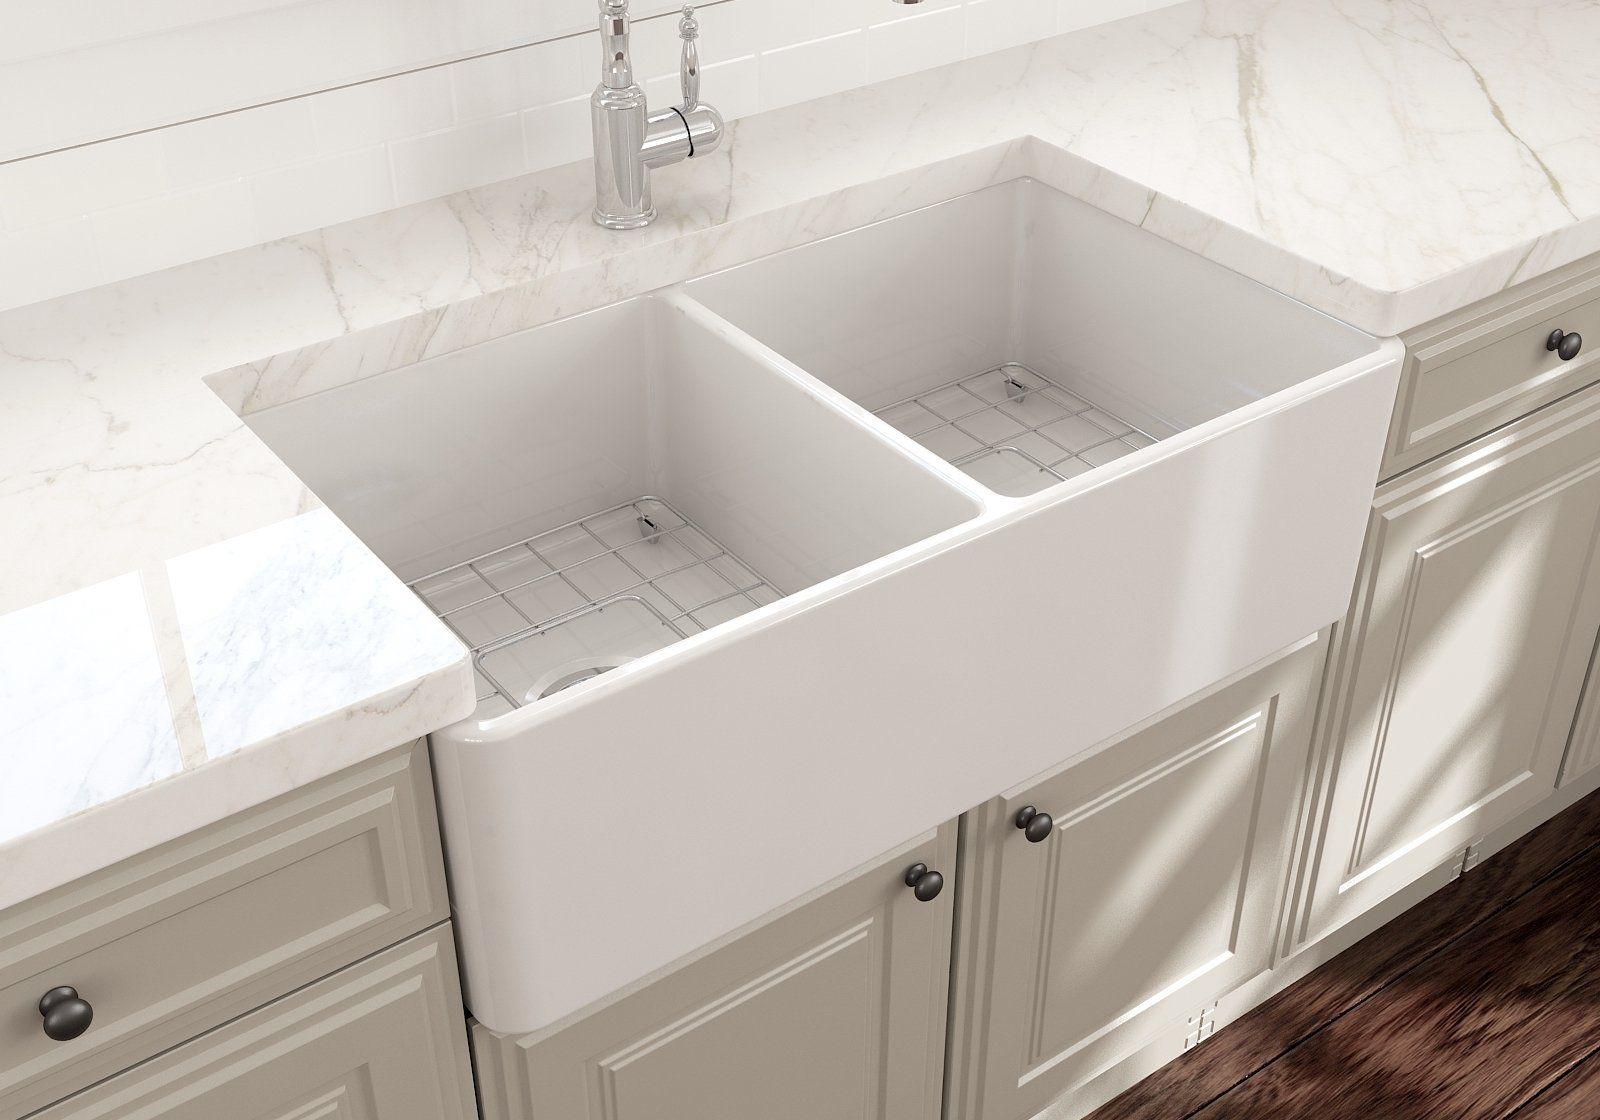 Download Wallpaper White Kitchen Sink Grid